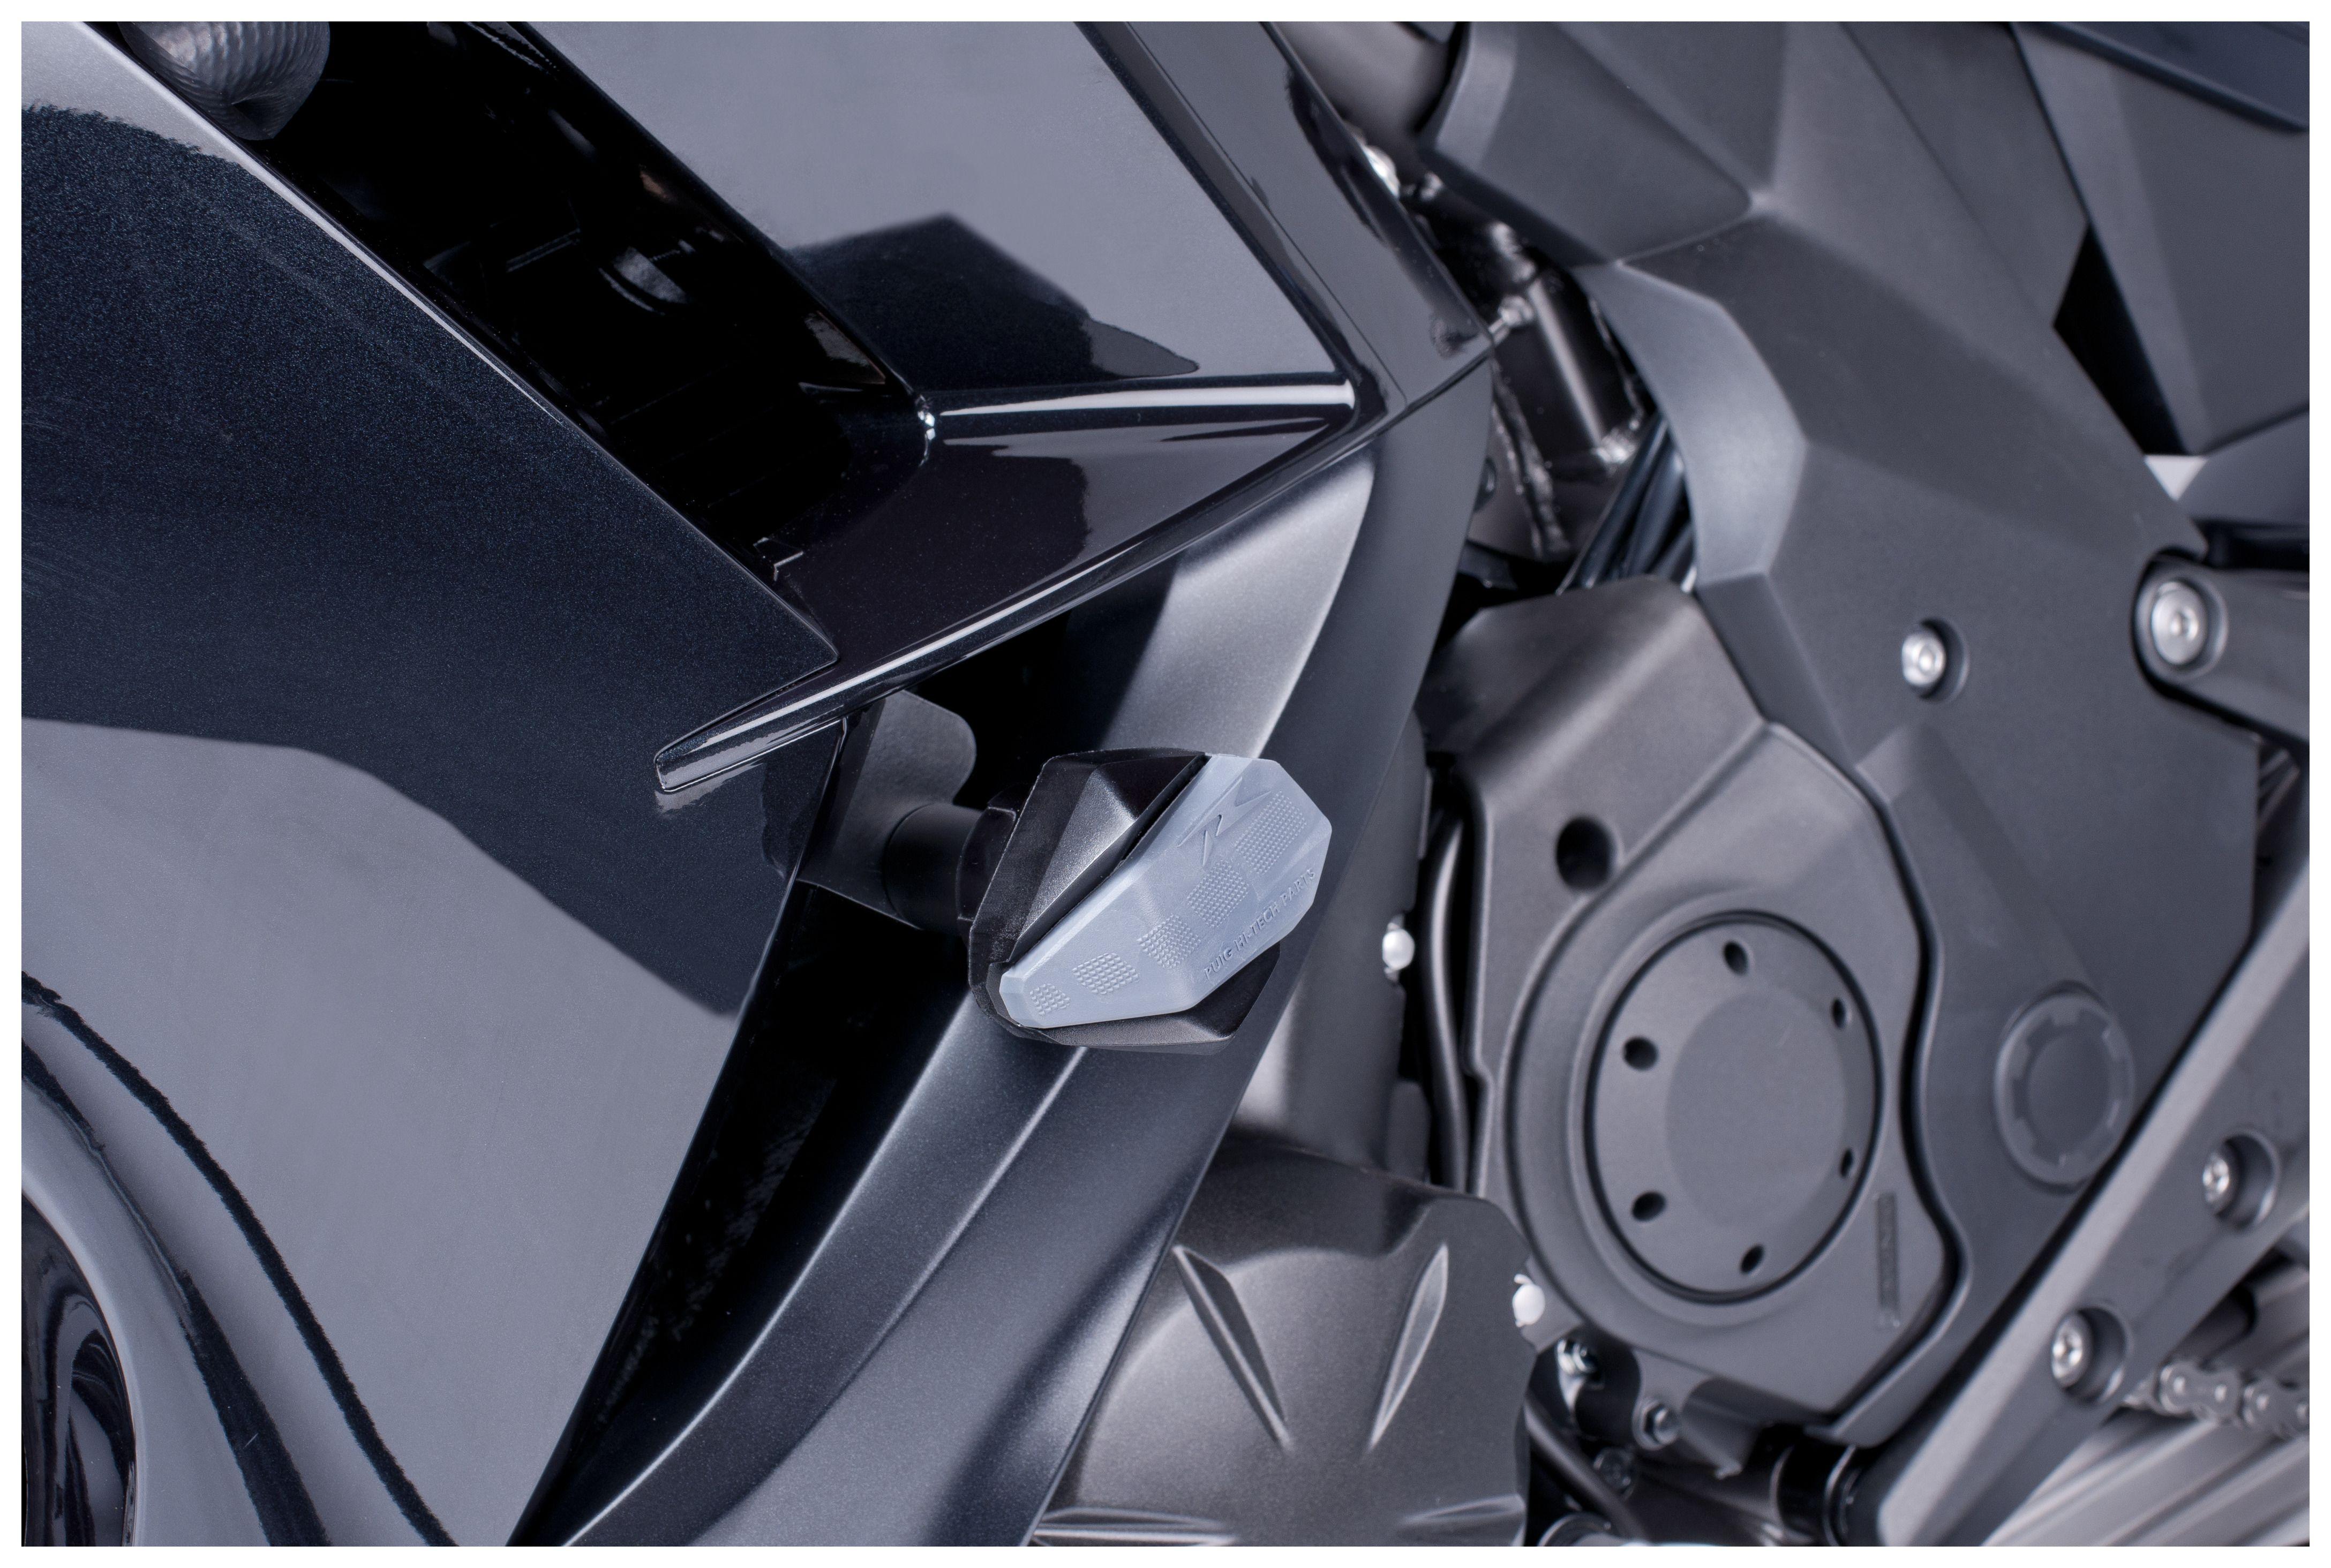 Puig R12 Frame Sliders Suzuki GSXR 600 / GSXR 750 2011-2018 | 5 ...